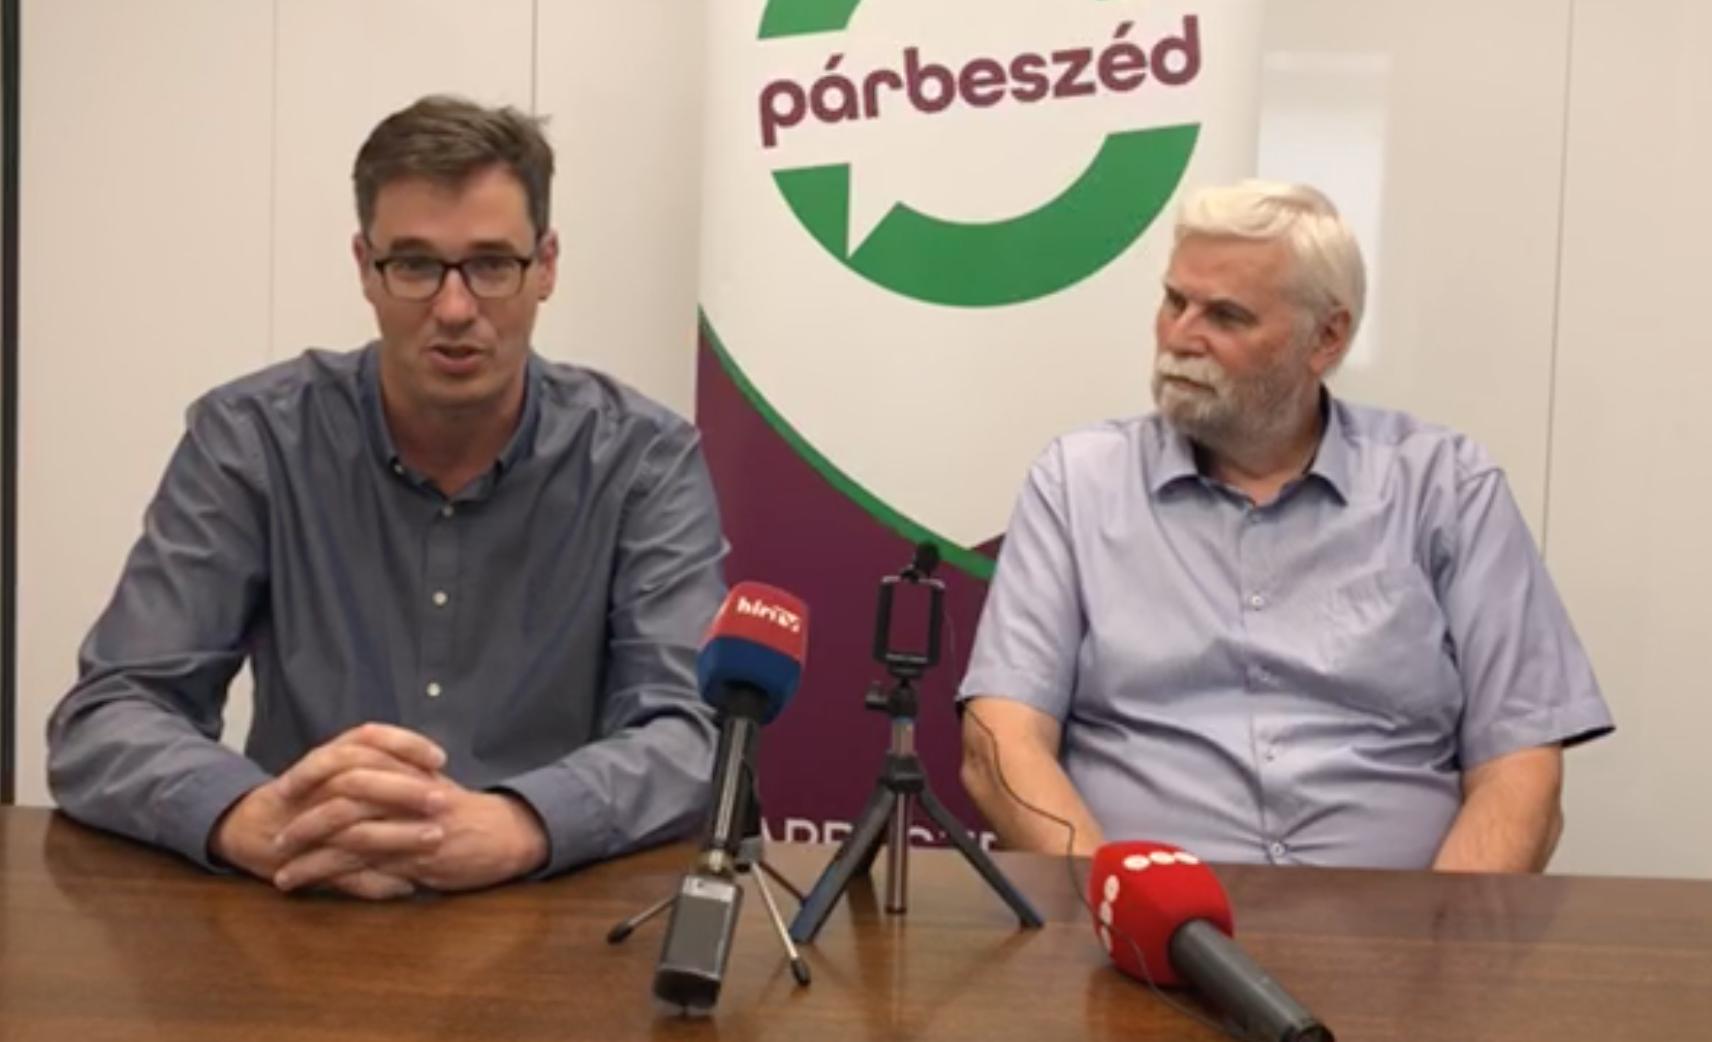 Visszalépett Bodnár Imre, az MSZP pécsi jelöltje, mégis Mellár Tamás indul az előválasztáson